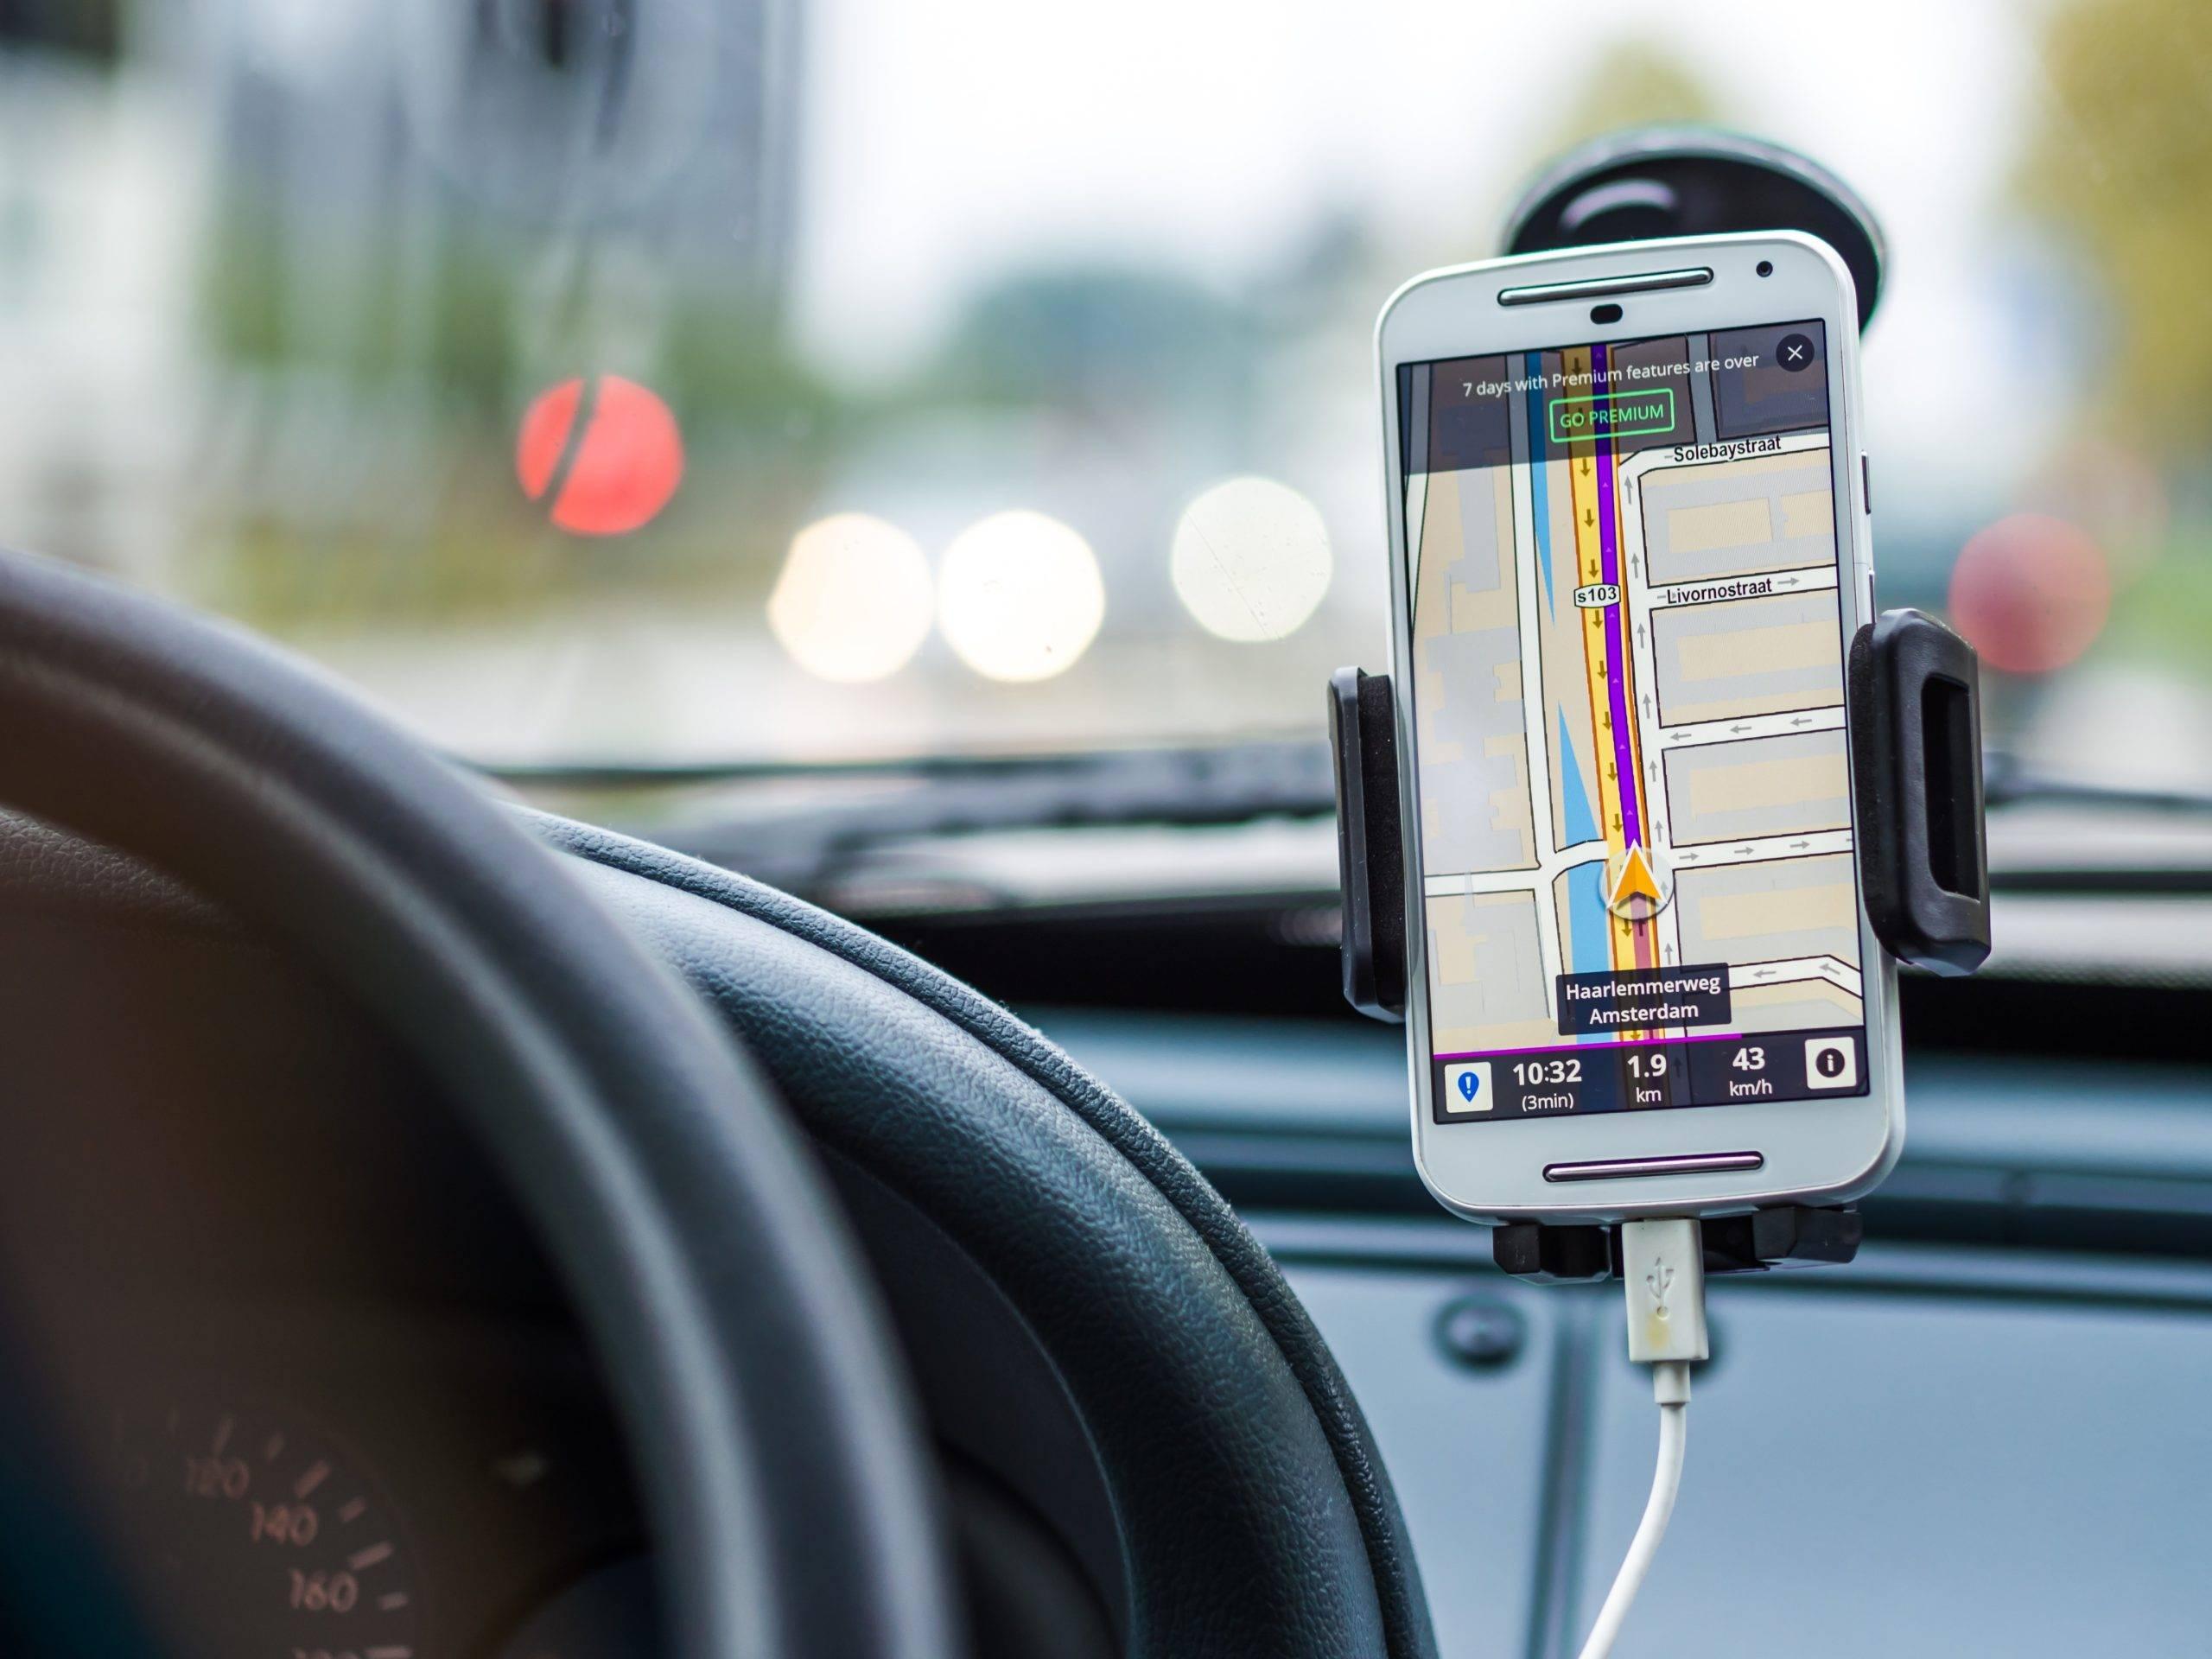 Best Navigation Apps in 2018